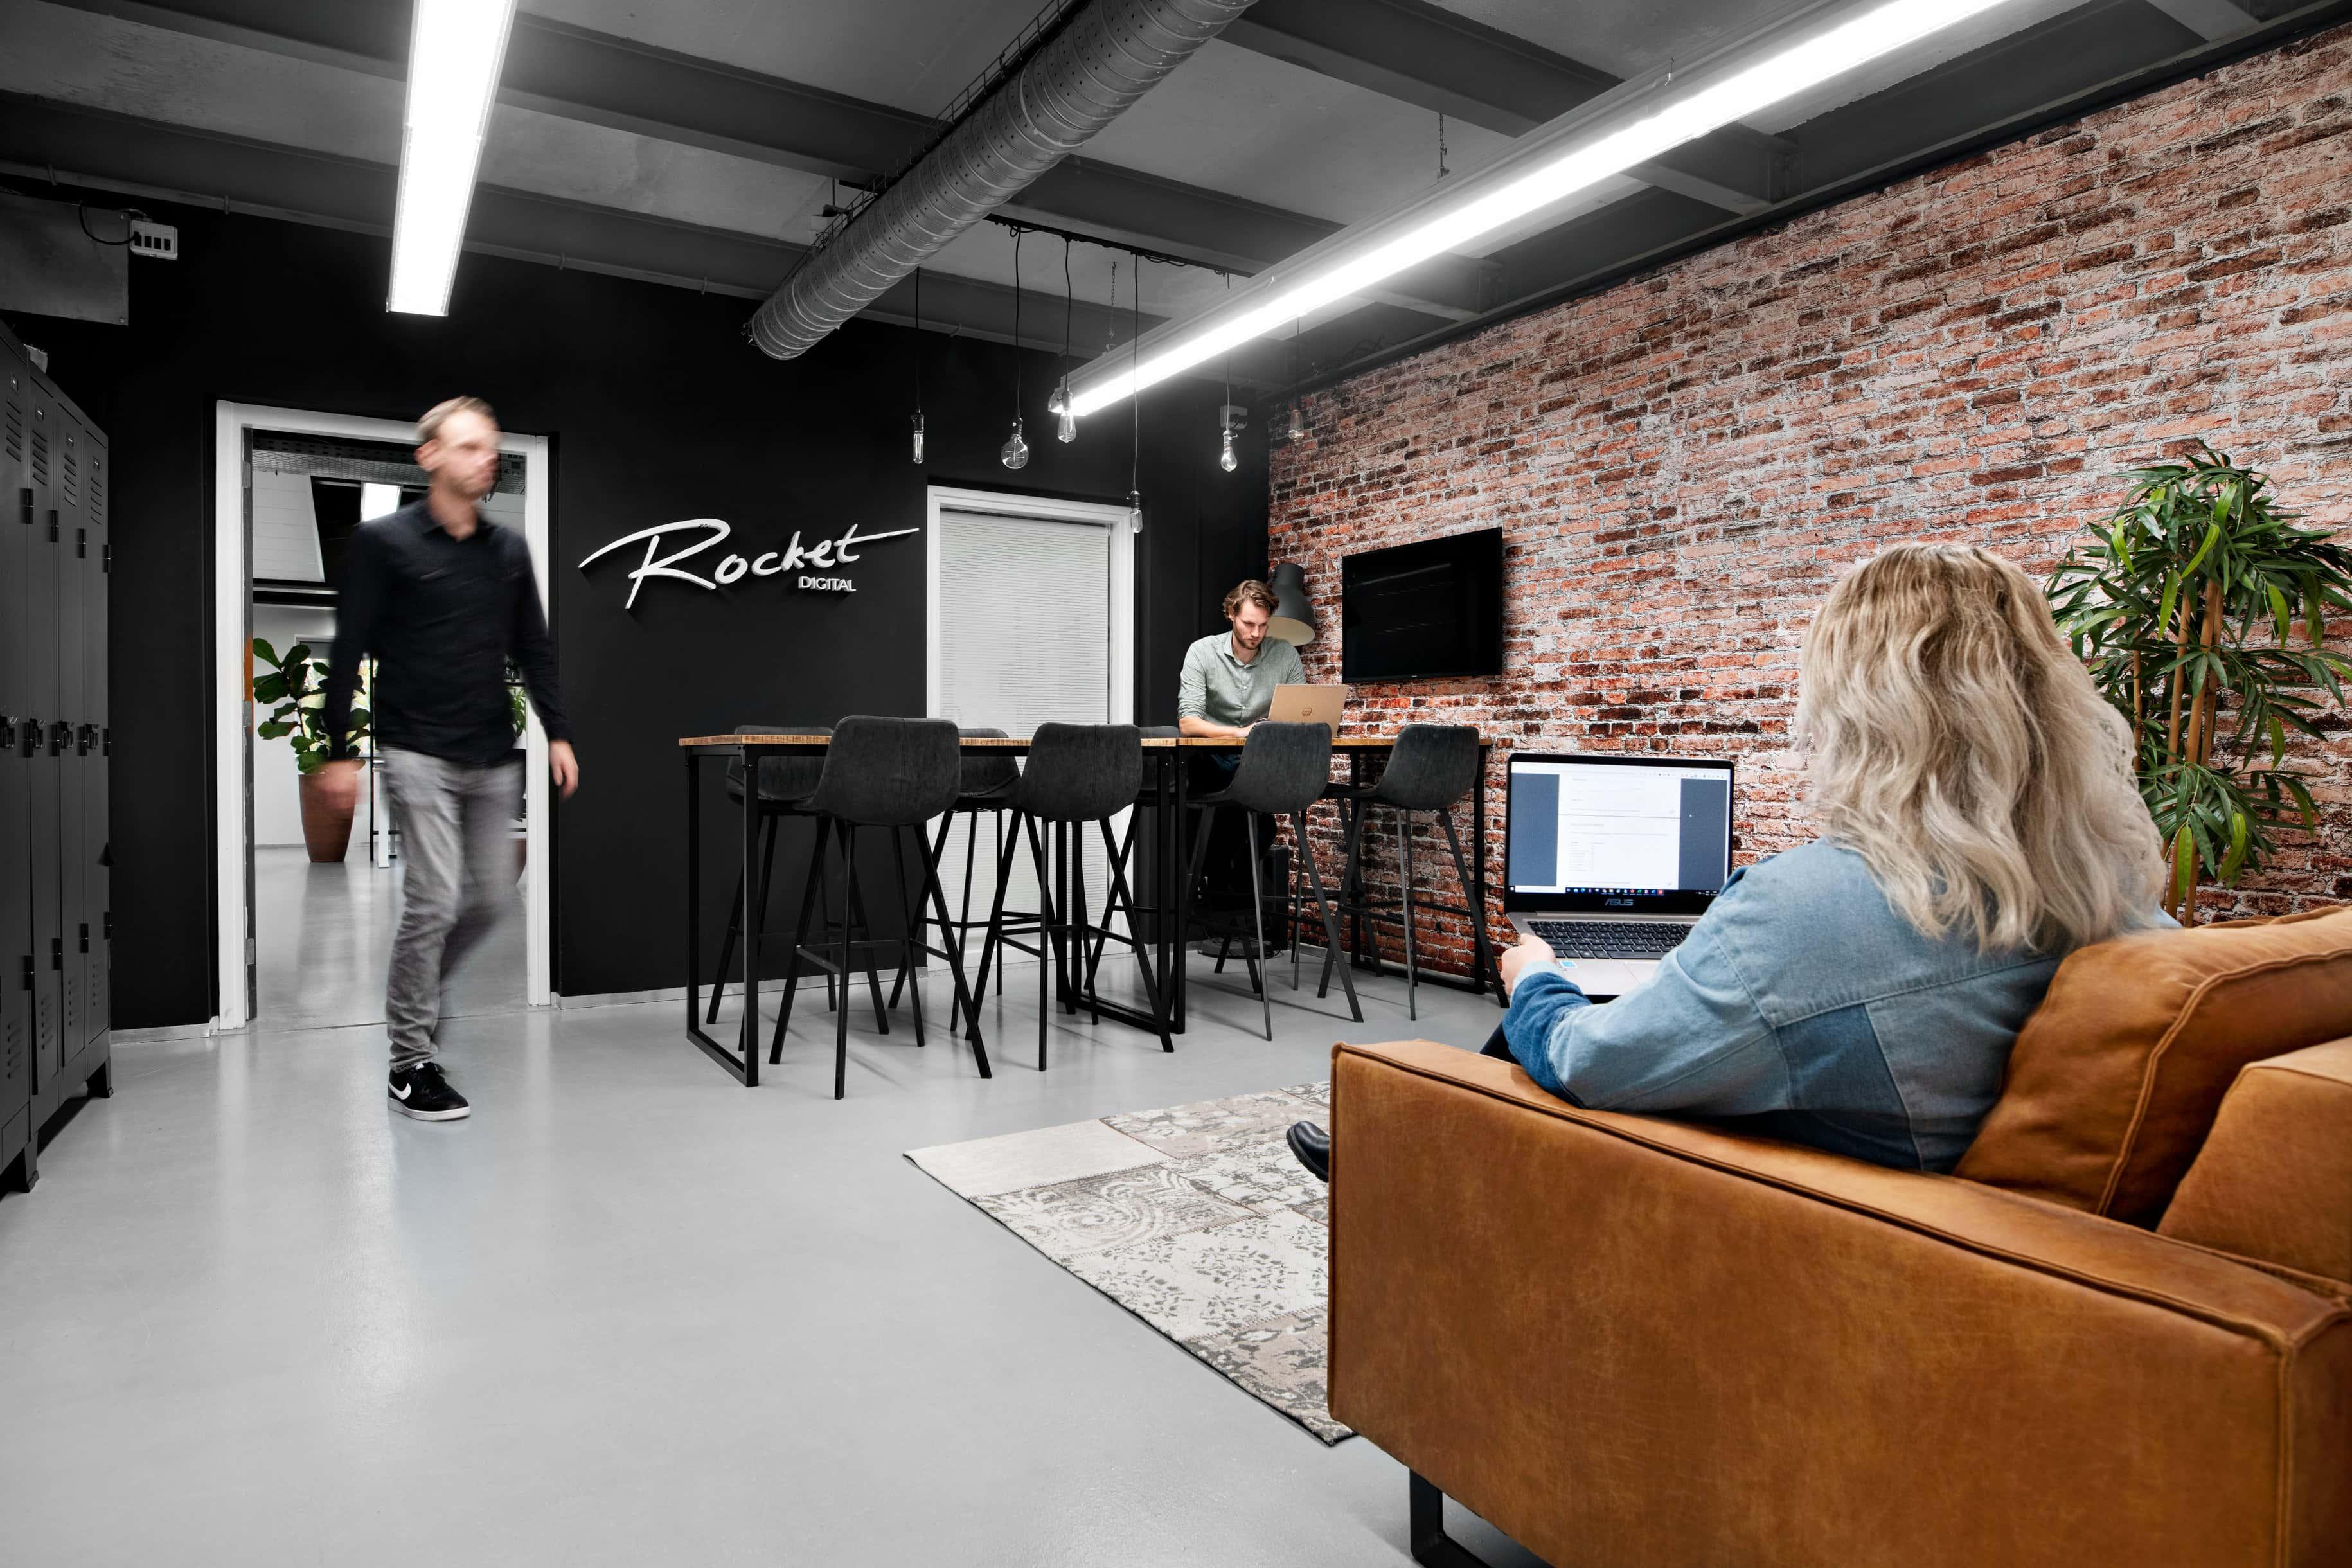 bedrijfsfotografie voor rocket digital